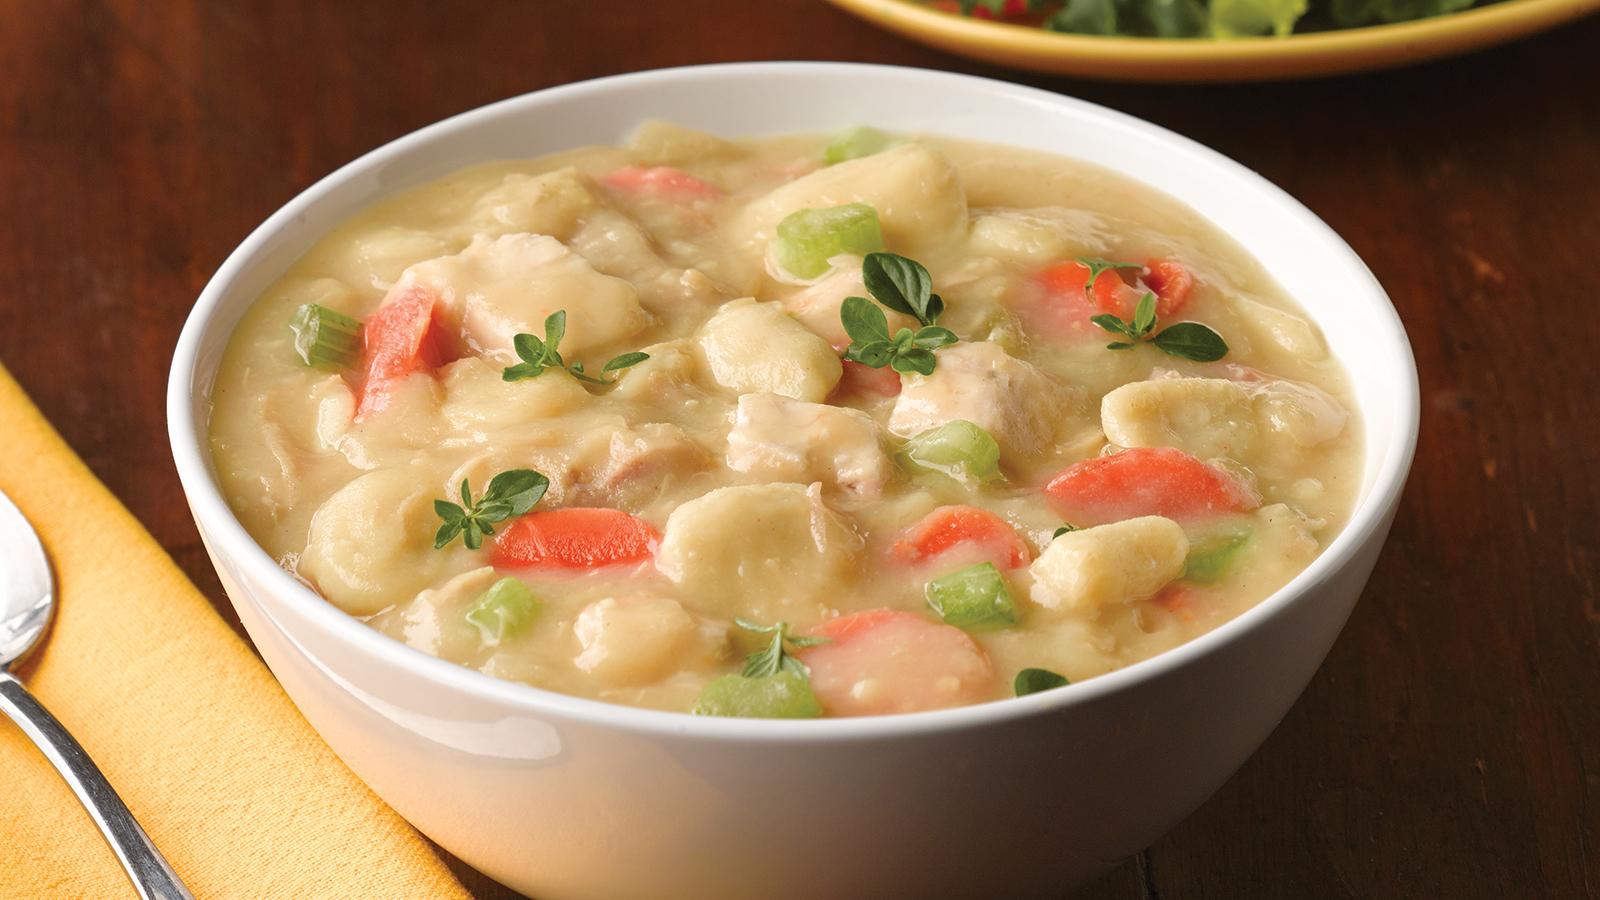 creamy chicken vegetable stew